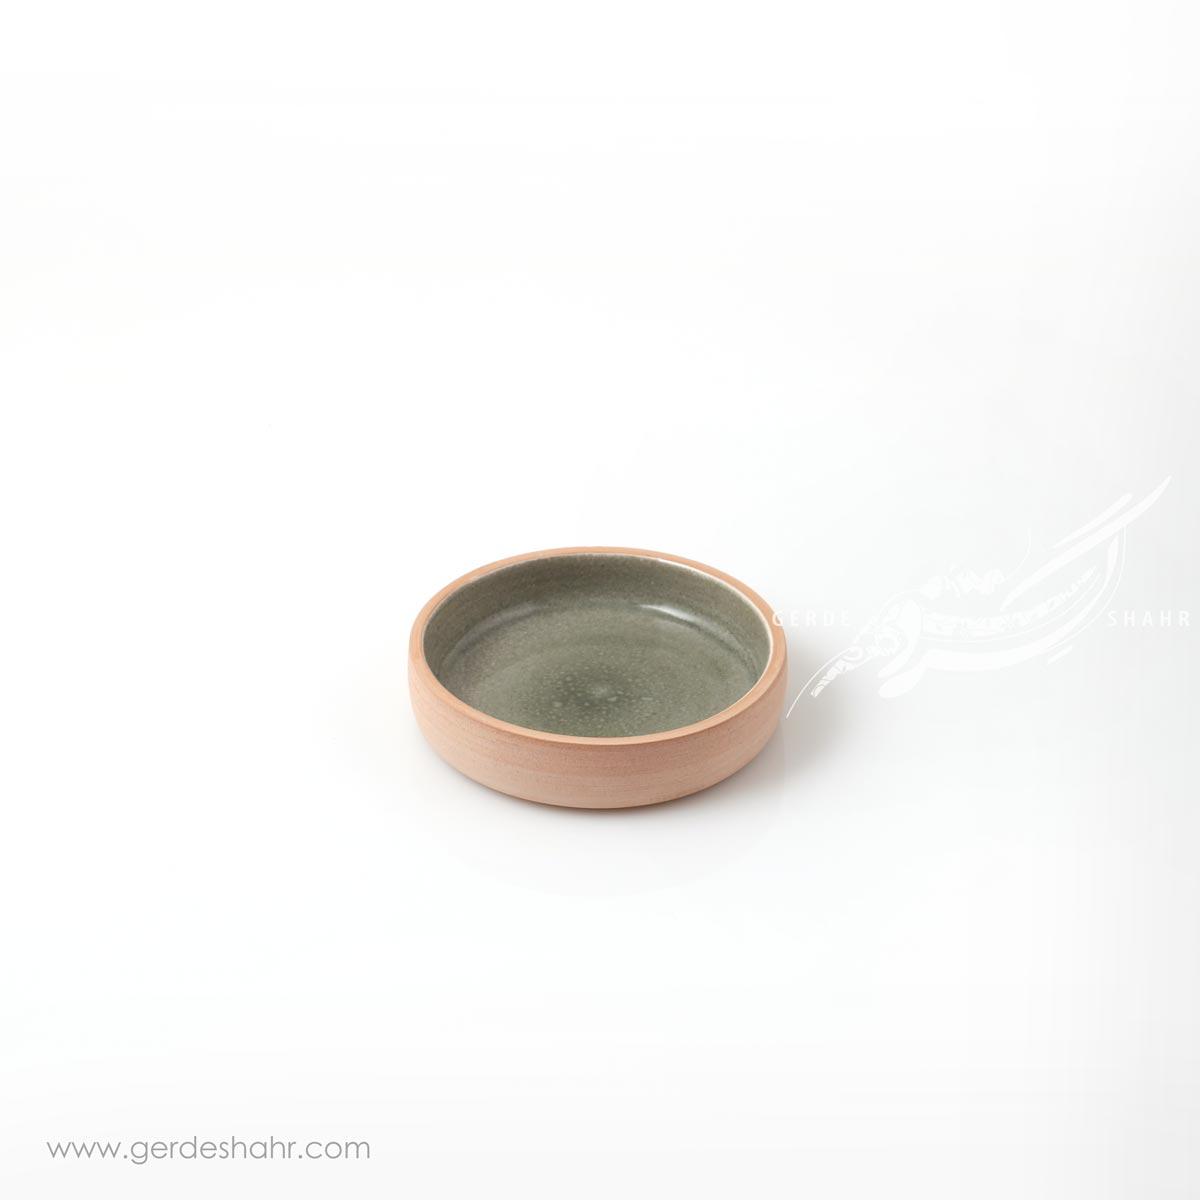 بشقاب کوچک خاکستری زین دست محصولات